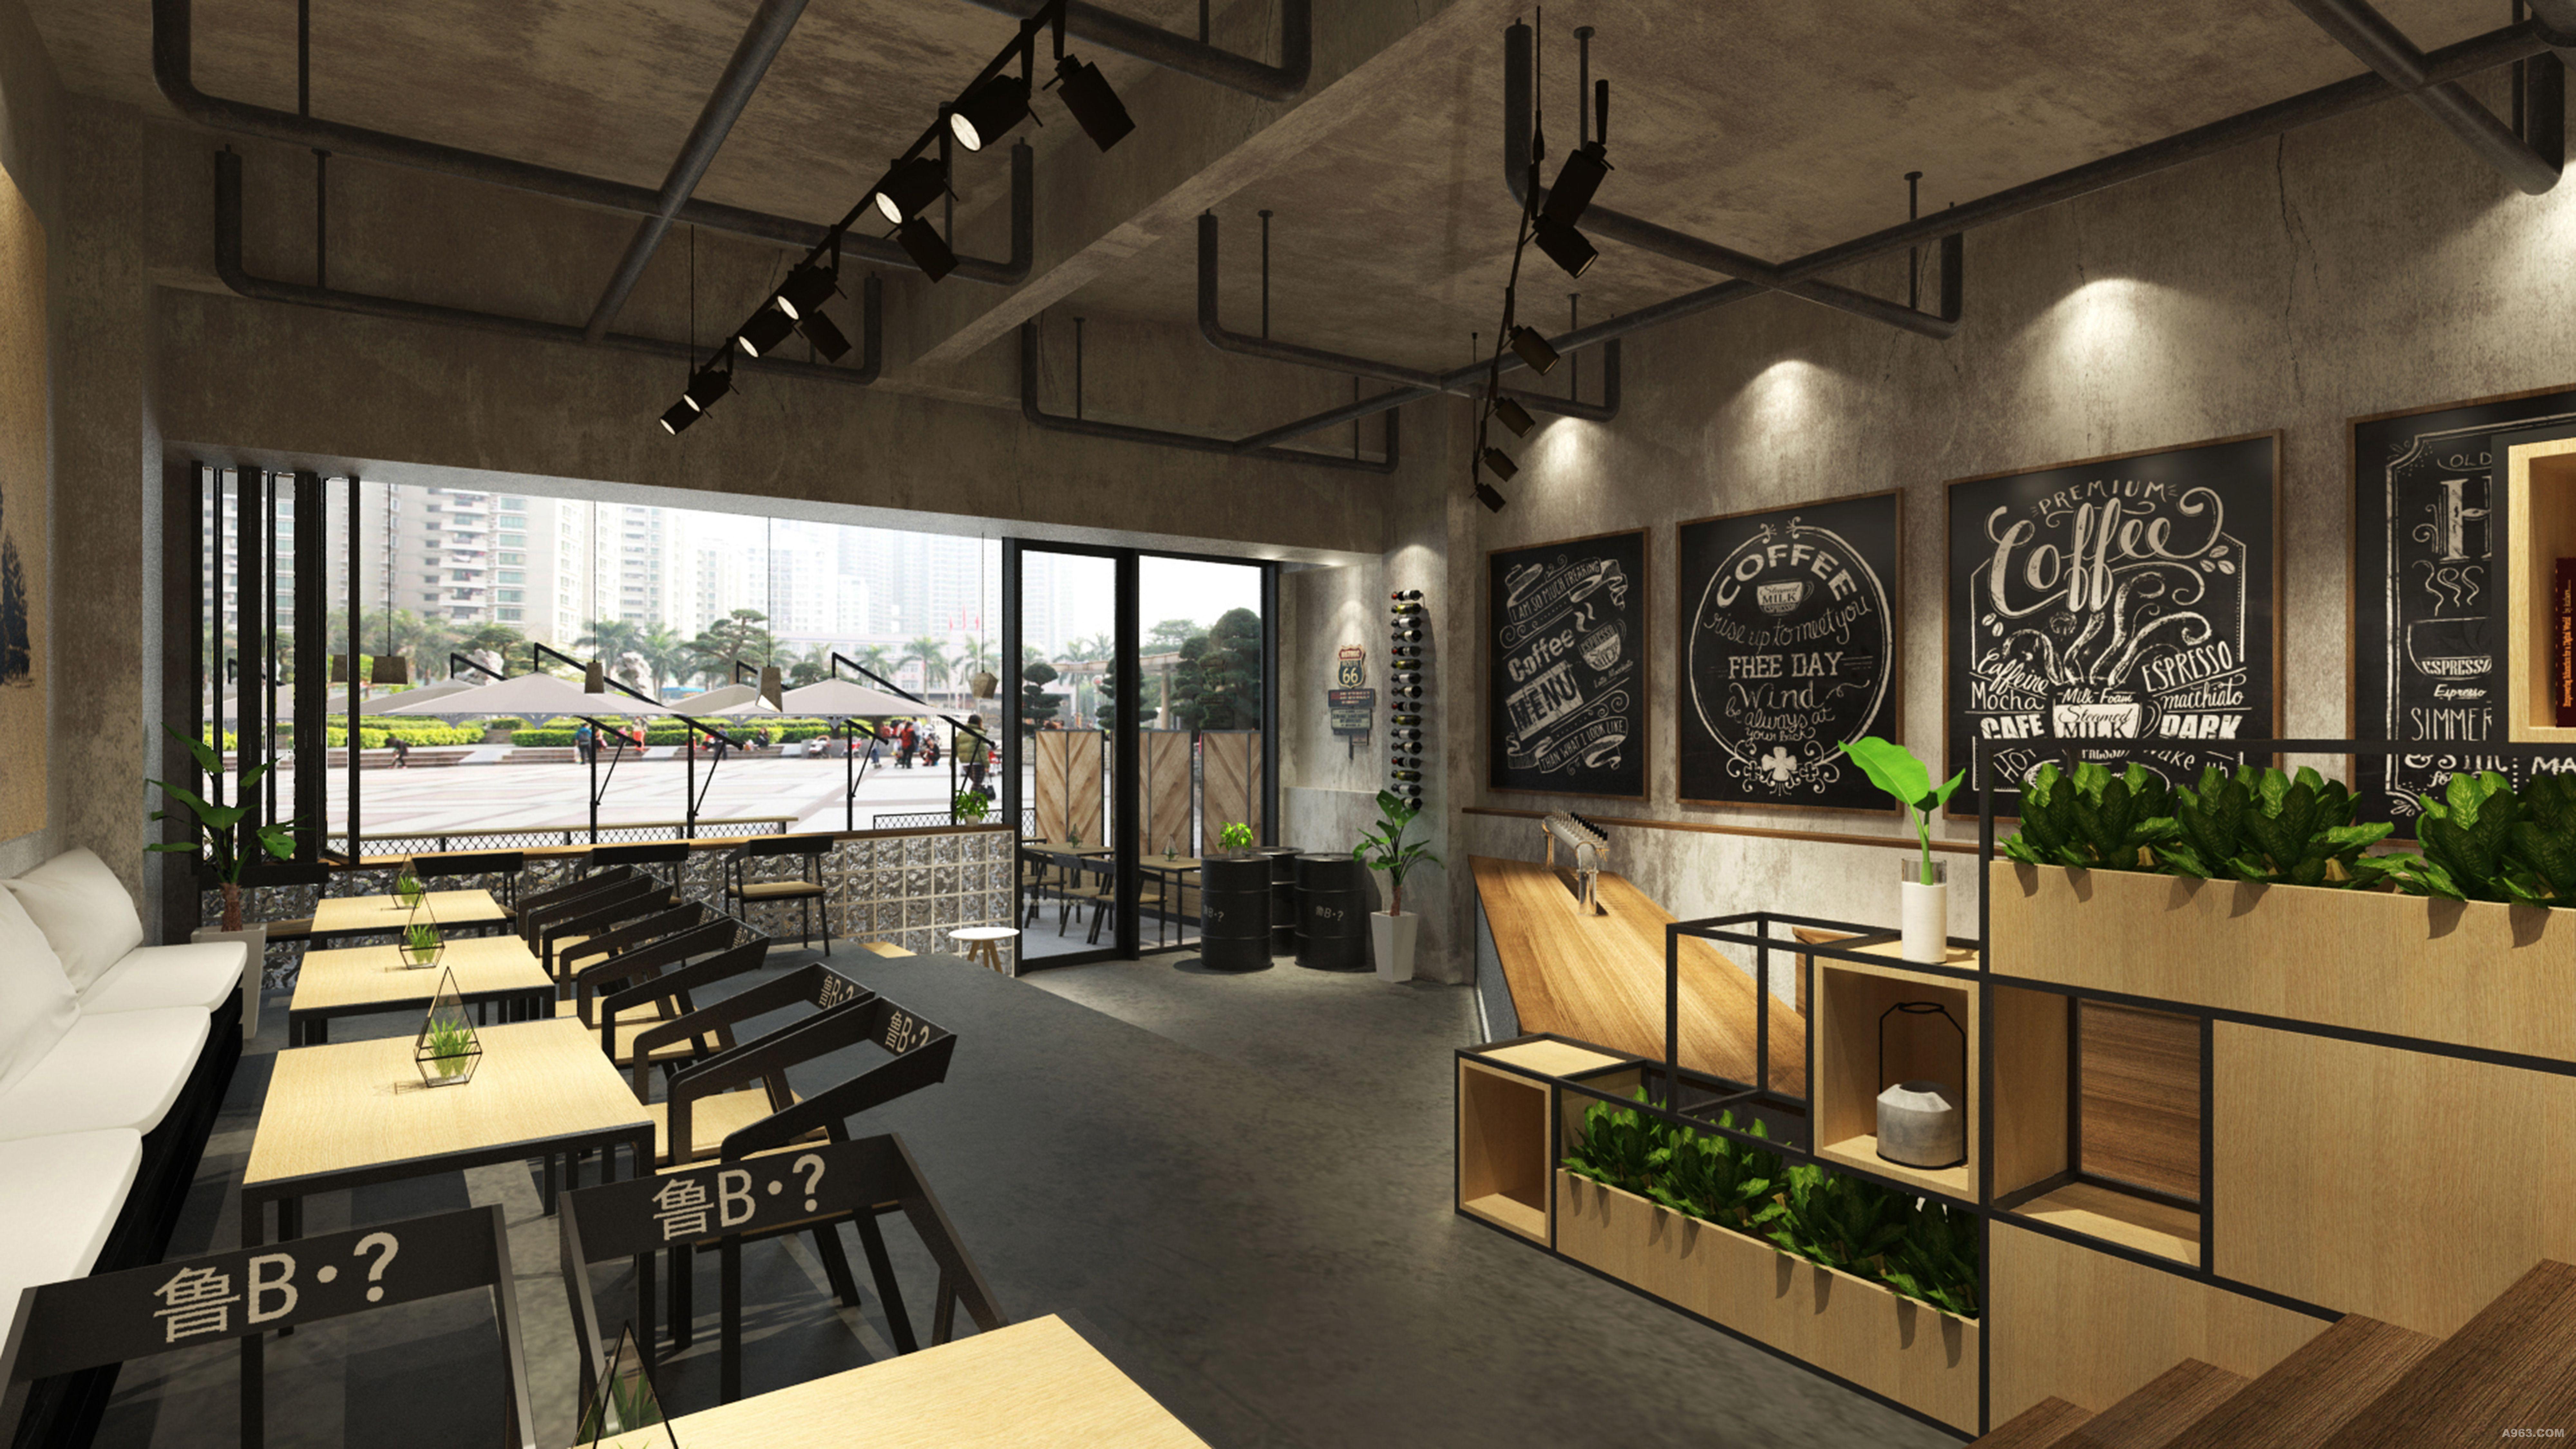 青岛鲁b酒吧室内设计说明